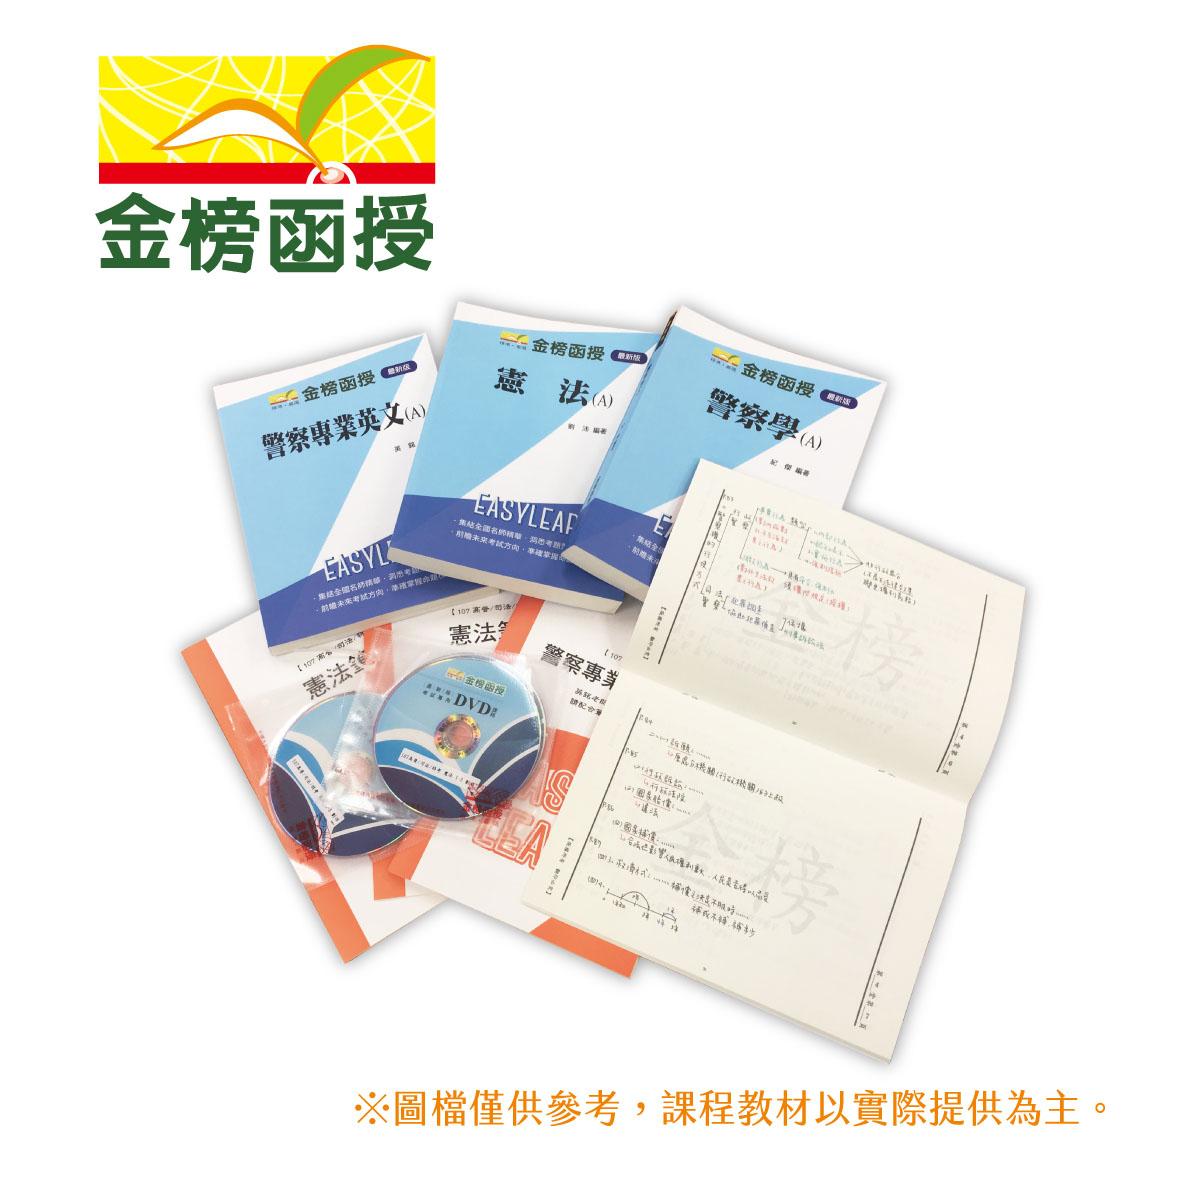 108金榜函授/初等考/全套/人事行政/书面